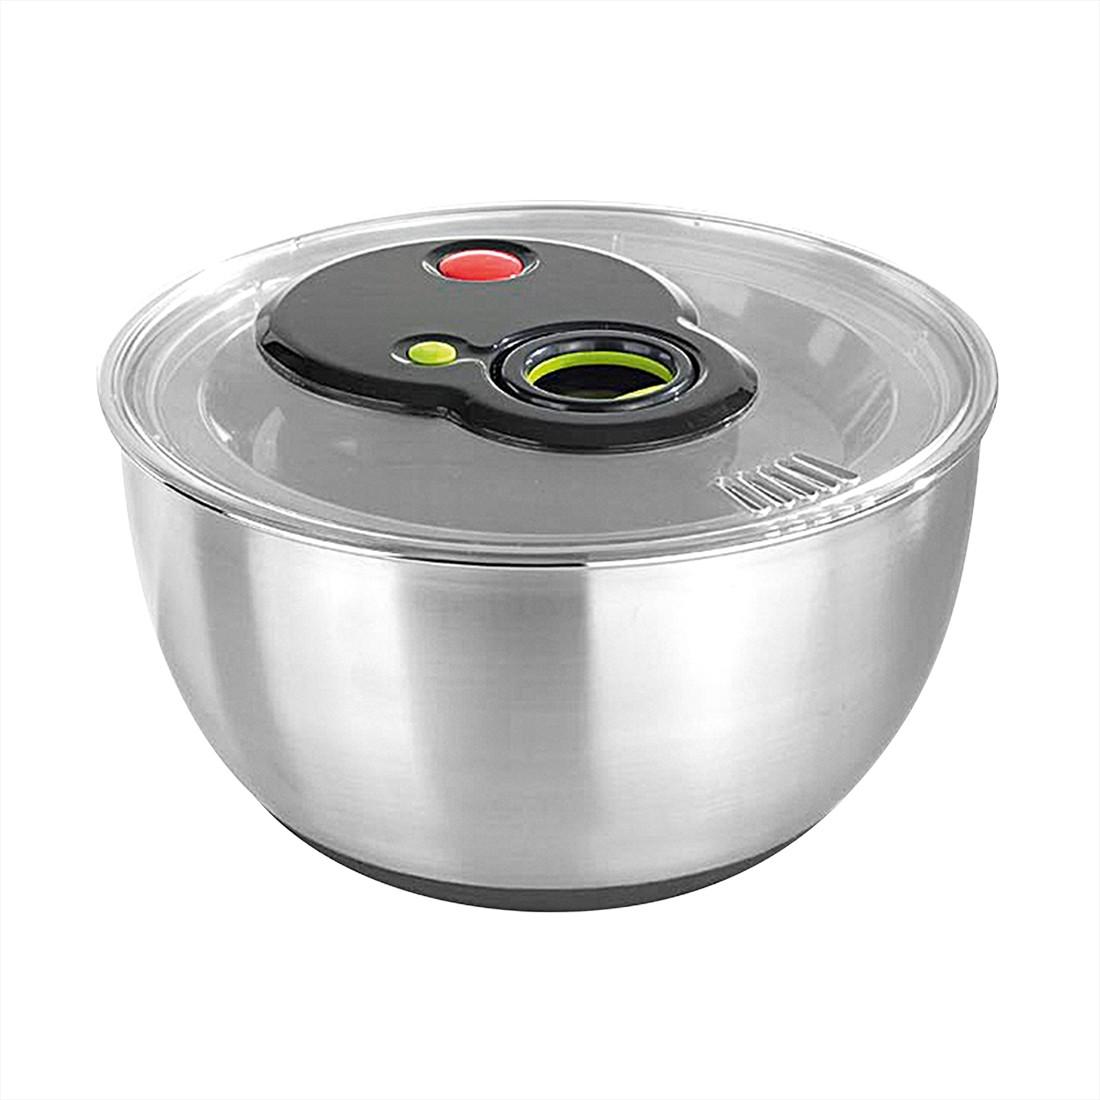 Salatschleuder Turboline – Edelstahl Silber, Emsa bestellen